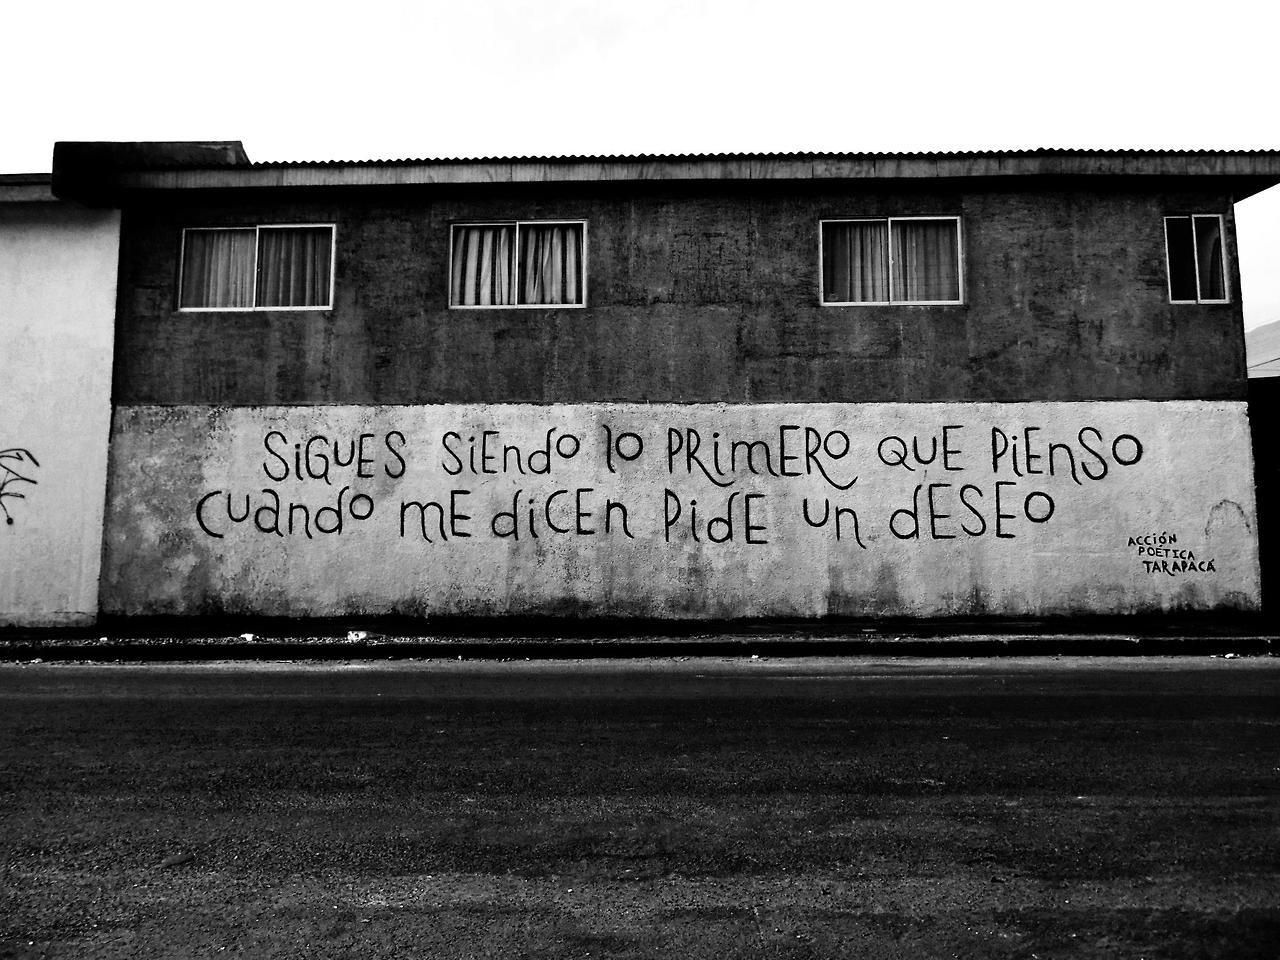 Hora Local De Mi Ciudad 14 14 Pide Un Deseo Somos Poesia En Facebook Somos Poesia En Twitter Frases Accion Poetica Poesia Urbana Poetica